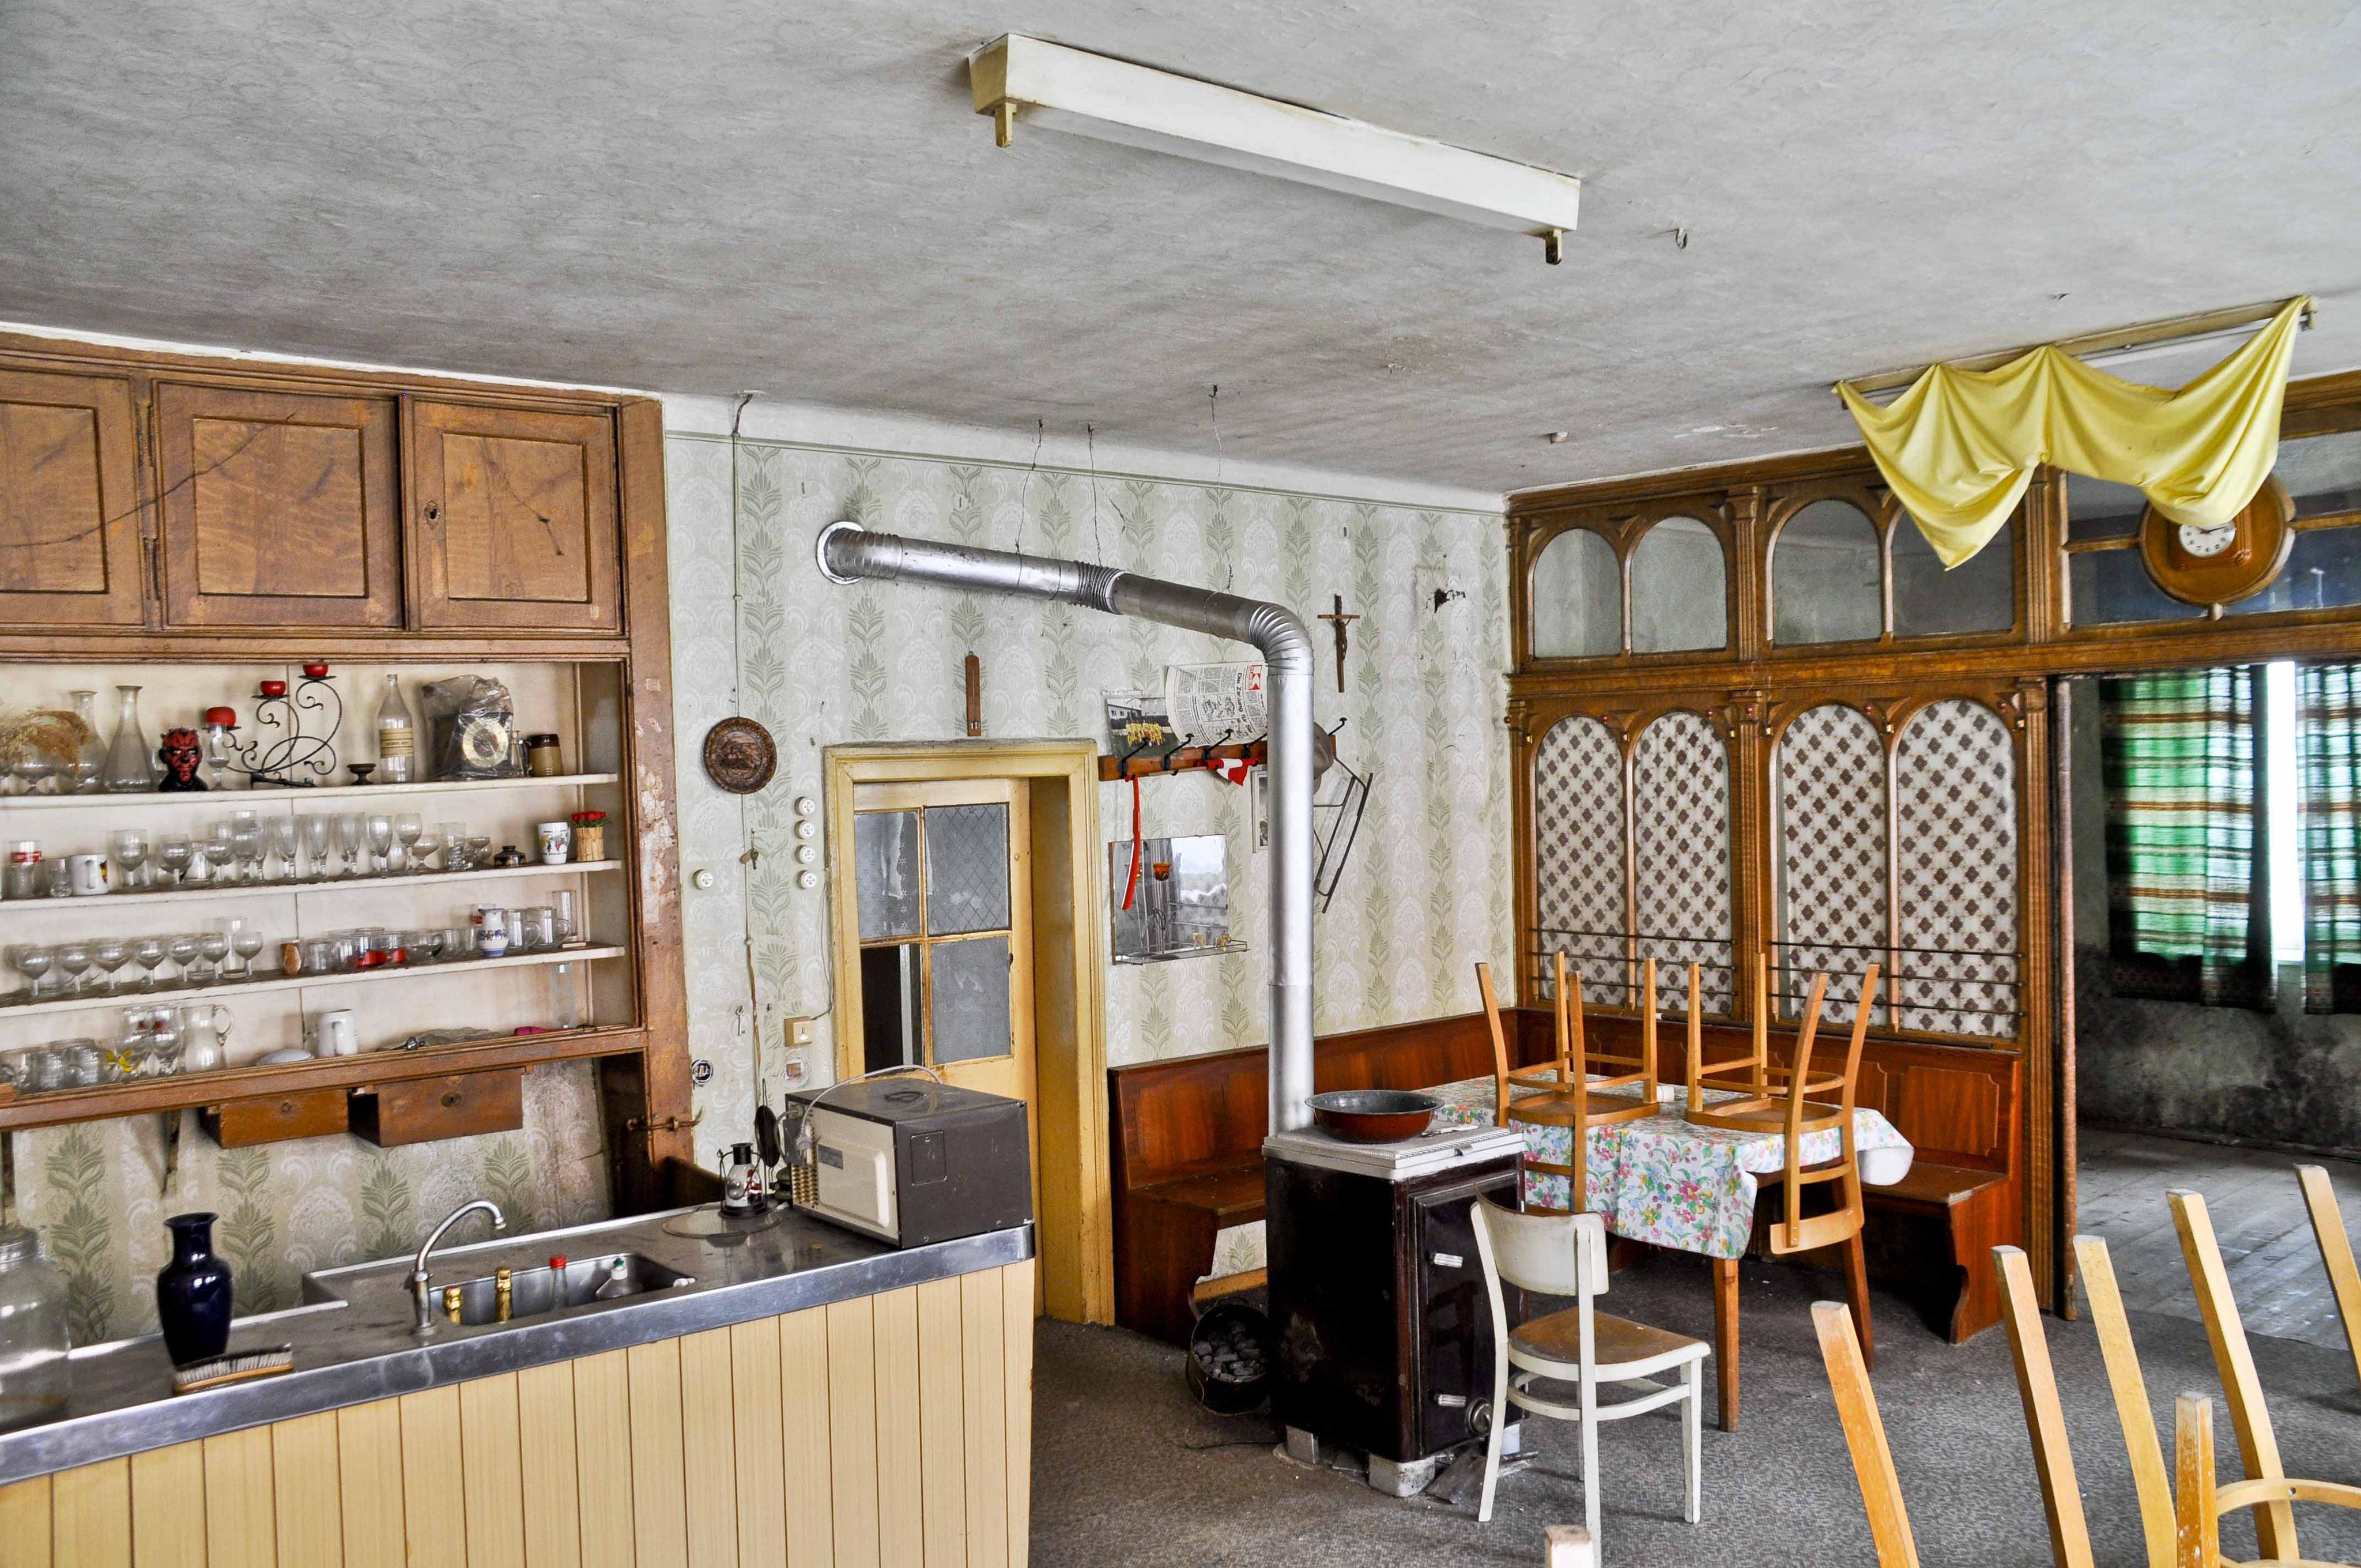 essen und trinken feiern und palavern gasthaus cello gm nd johannes laubenstein. Black Bedroom Furniture Sets. Home Design Ideas